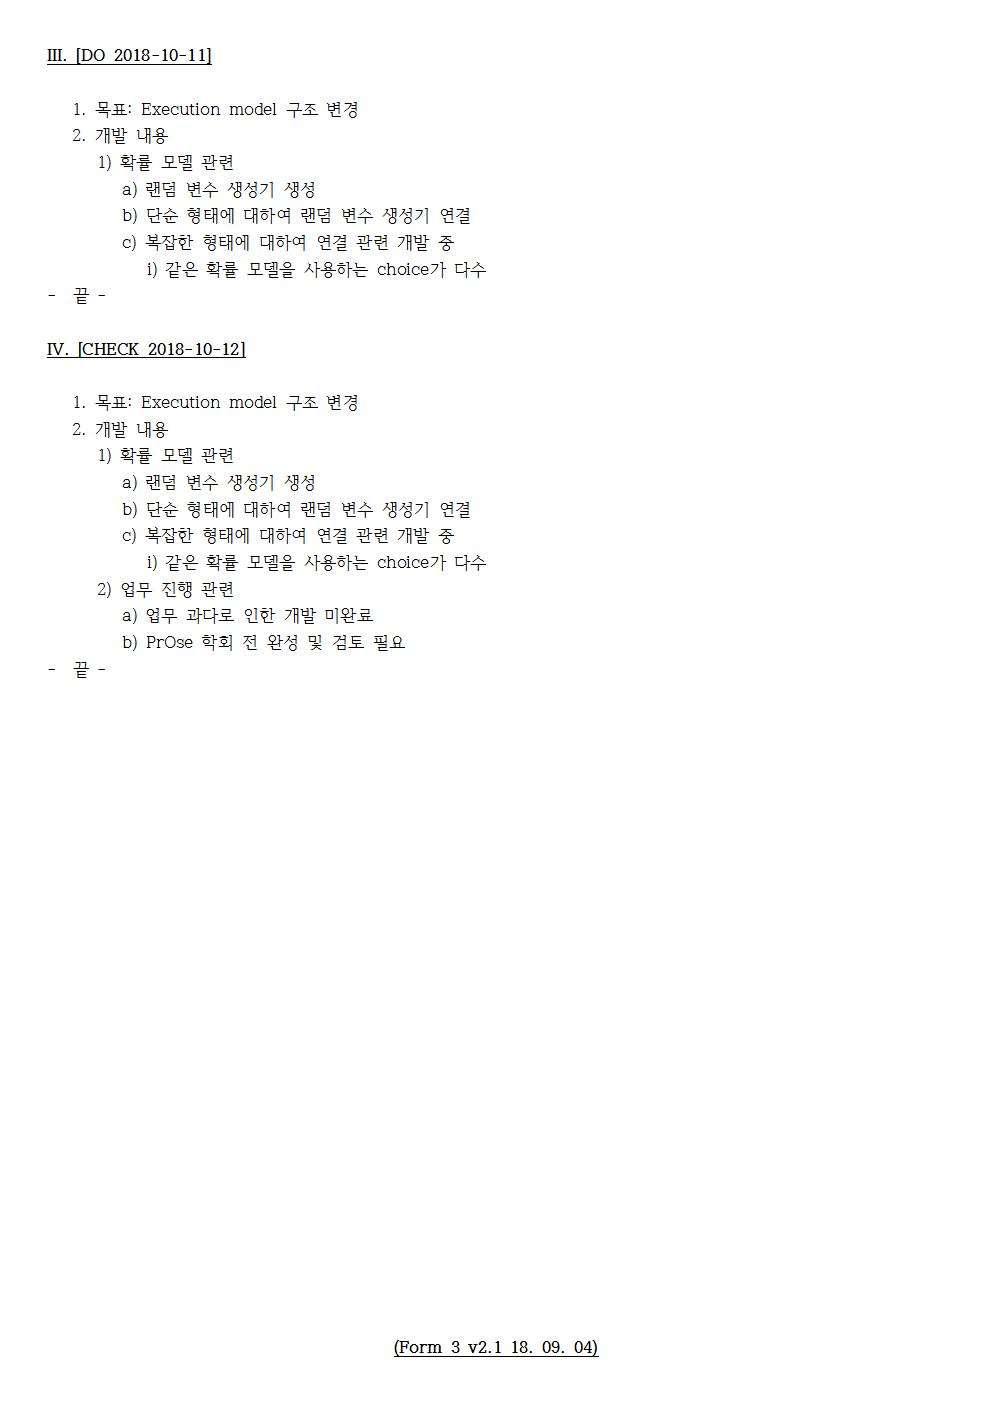 D-[18-001-RD-01]-[SAVE 3.0]-[2018-10-12][YB]002.jpg